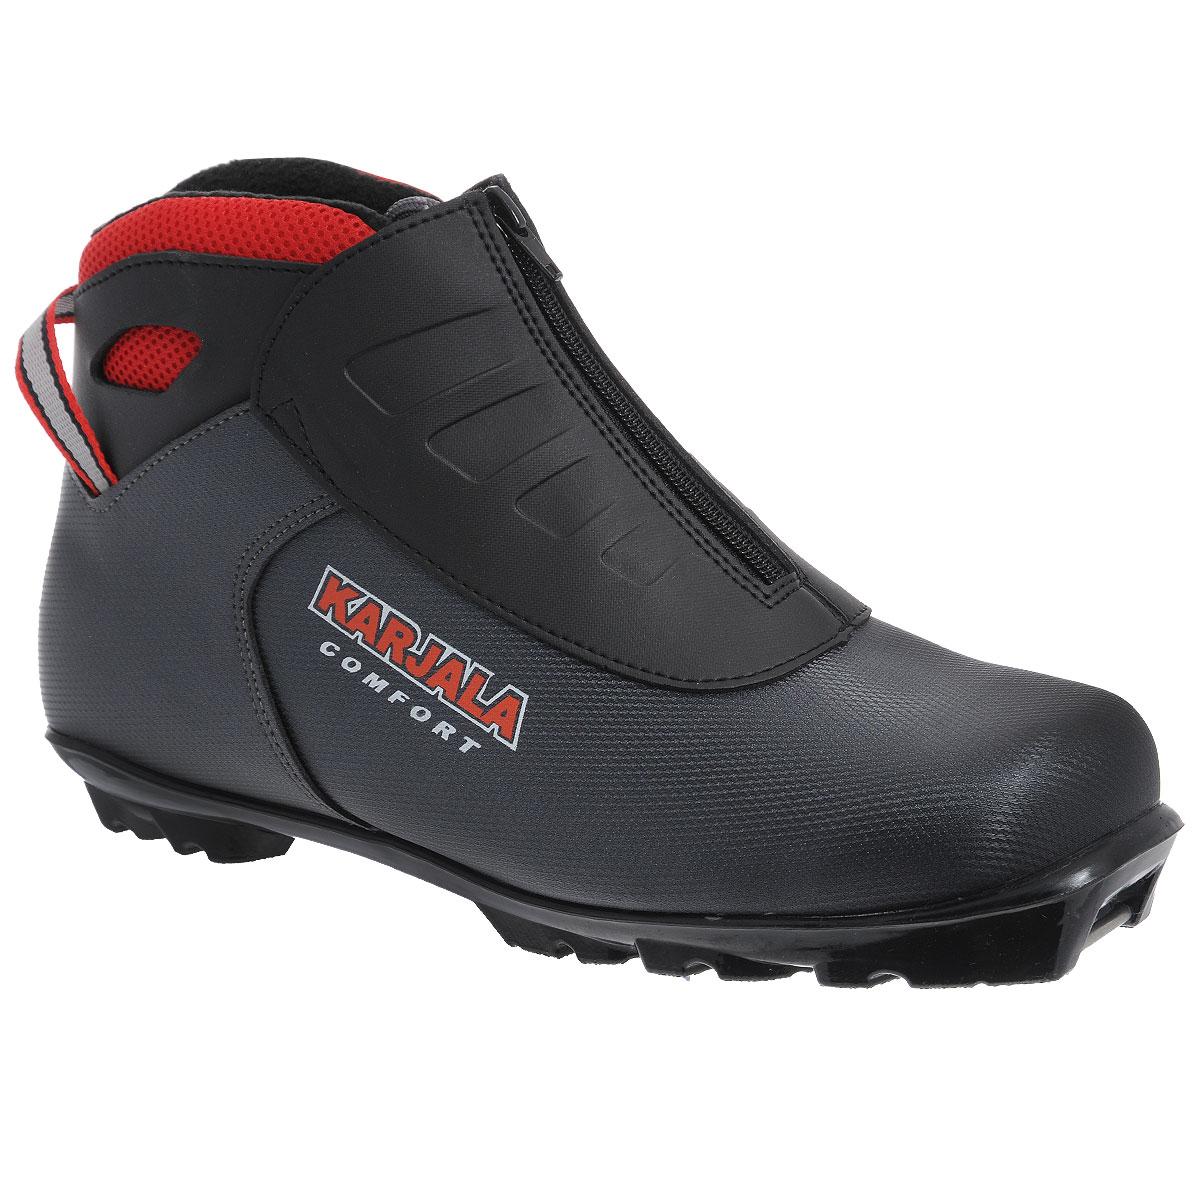 Ботинки для беговых лыж Karjala Comfort NNN, искусственная кожа, цвет: серый. Размер 36